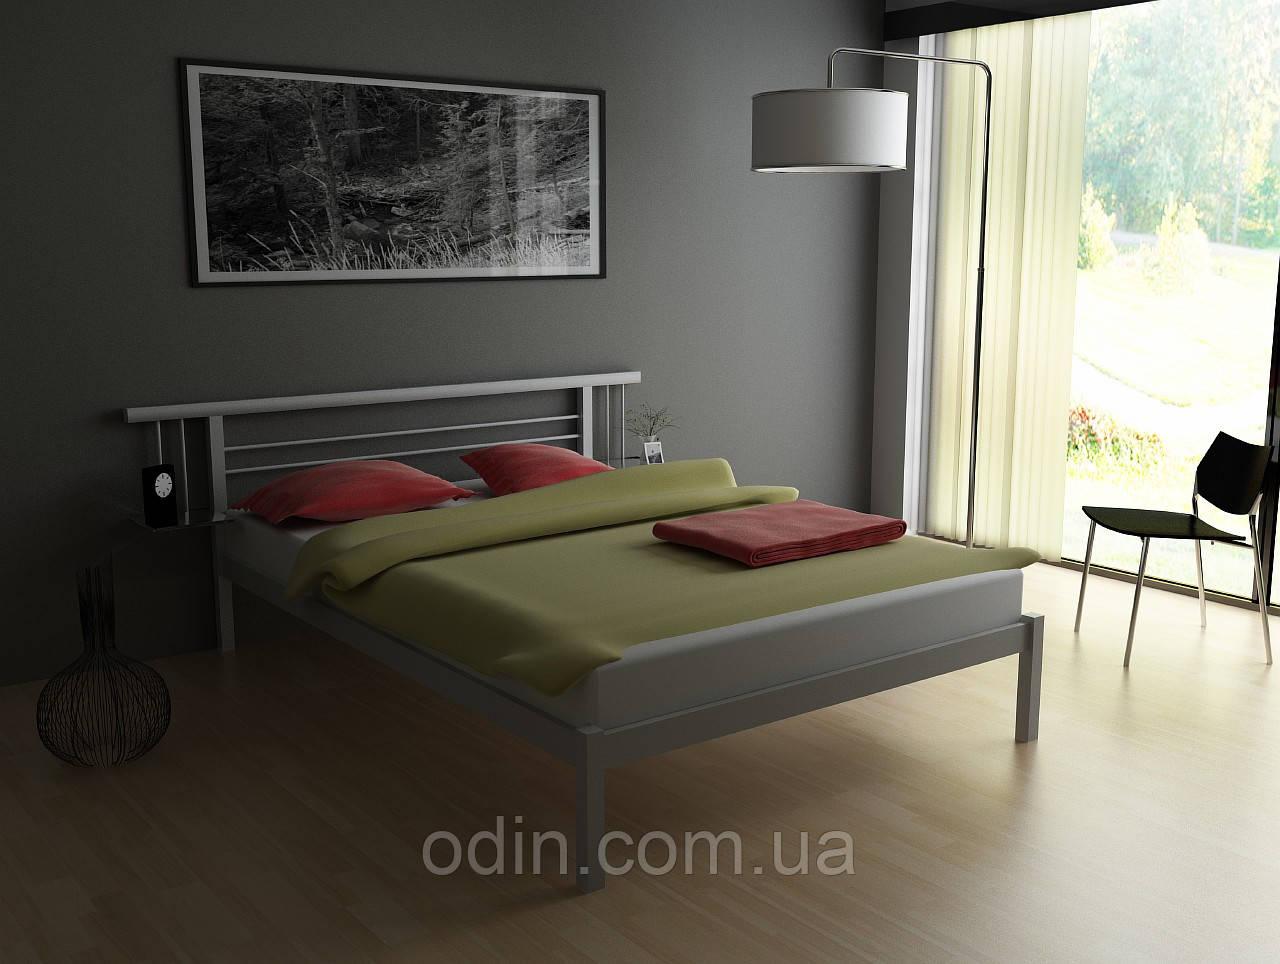 Кровать Астра Метакам